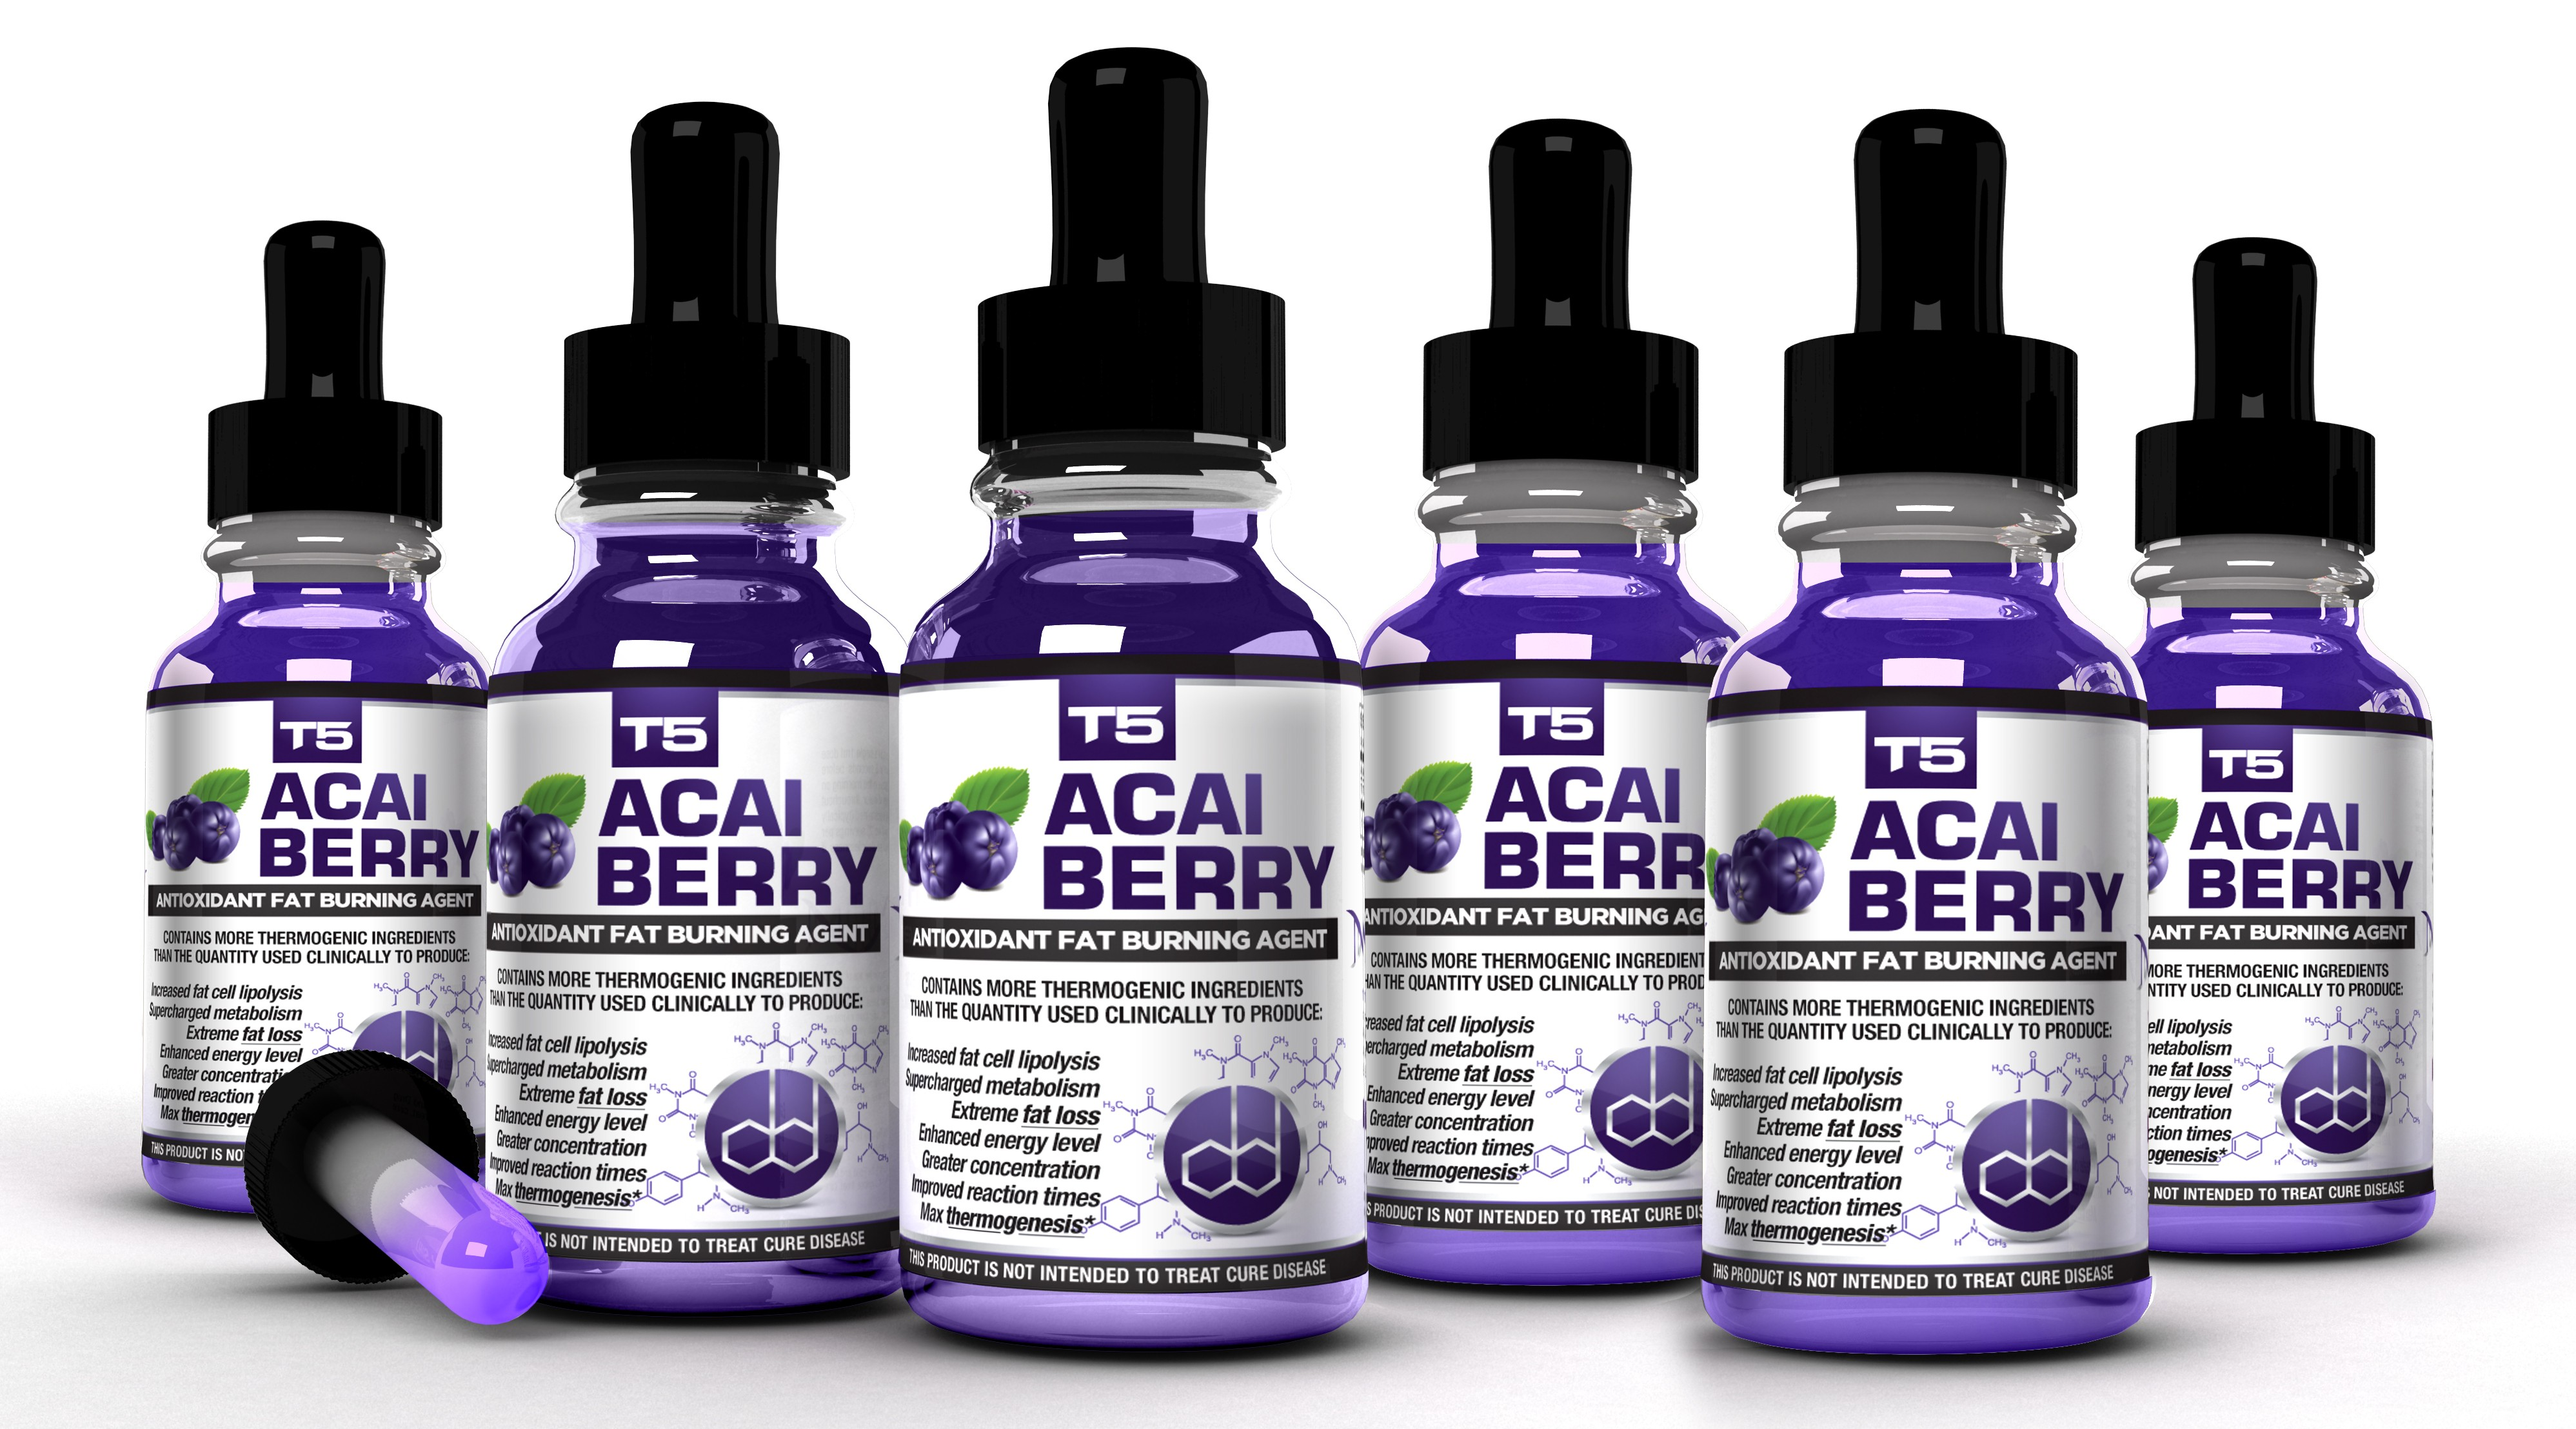 T5 Acai Berry 6 Bottle Bundle